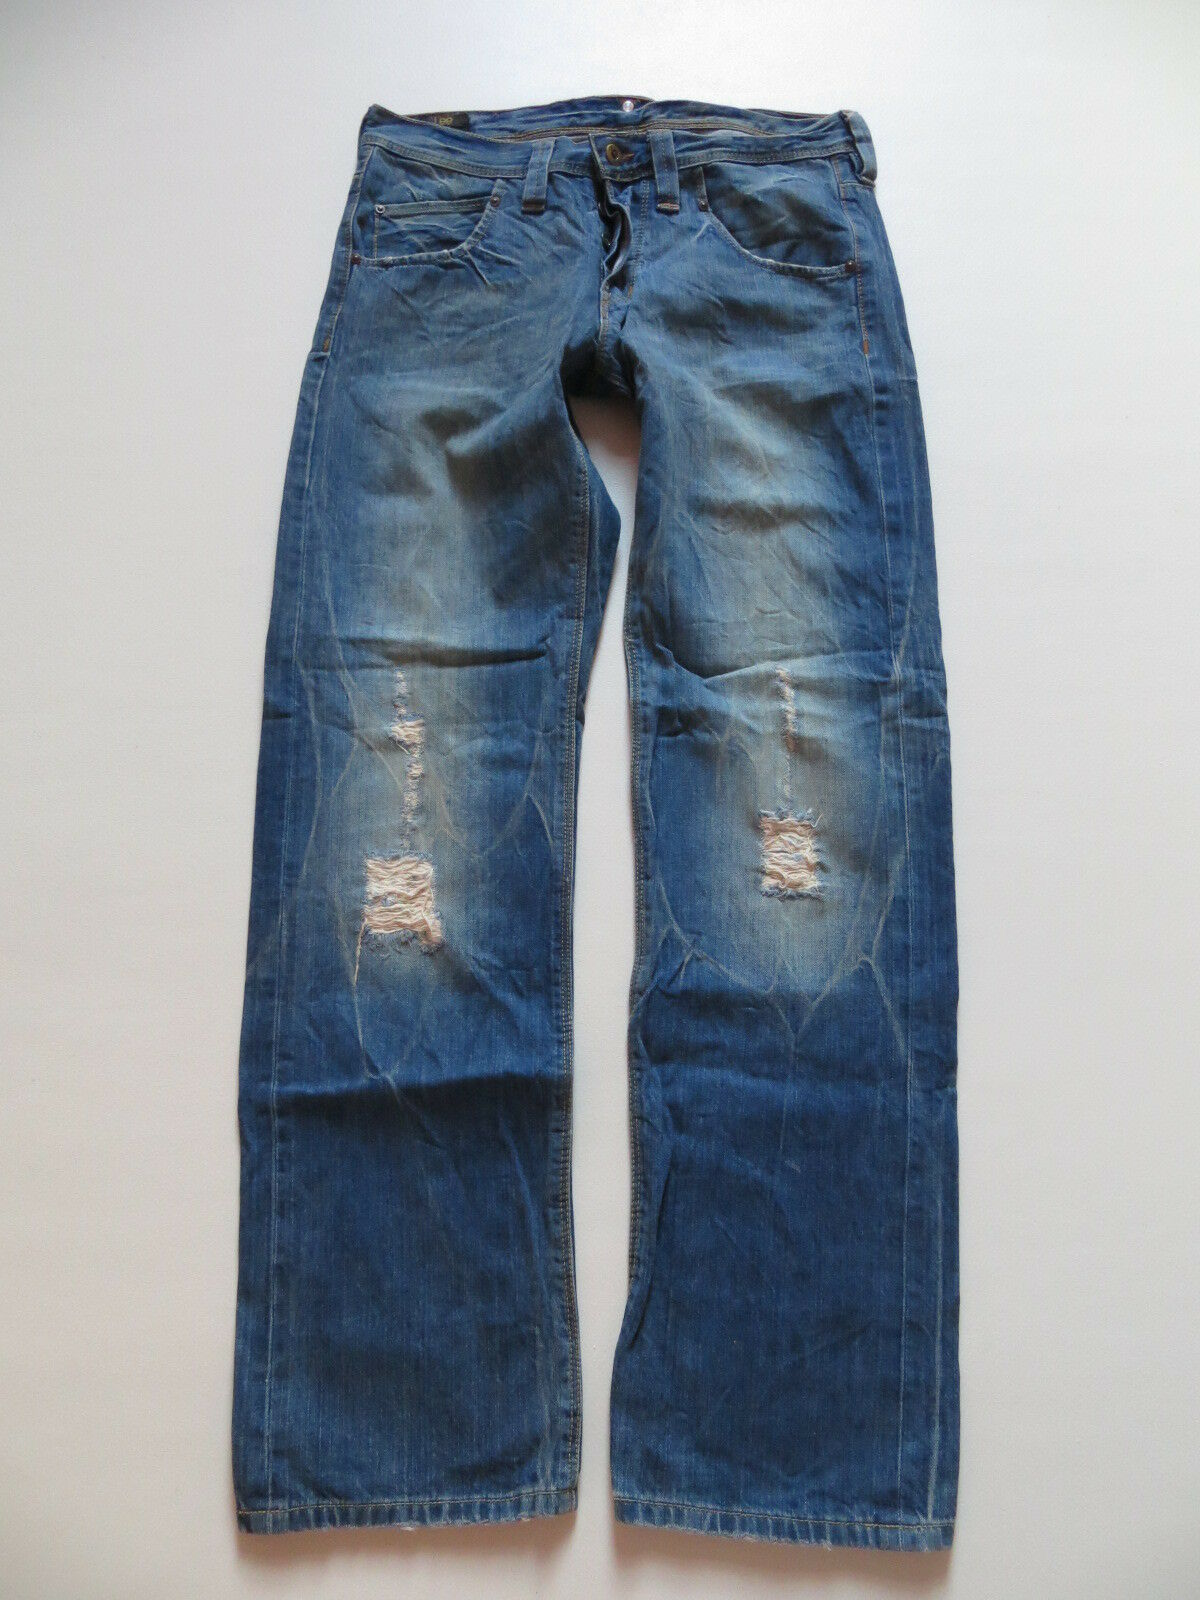 Lee RIPLEY Herren Jeans Hose W 32  L 34 original destroyed Denim Einzigartig